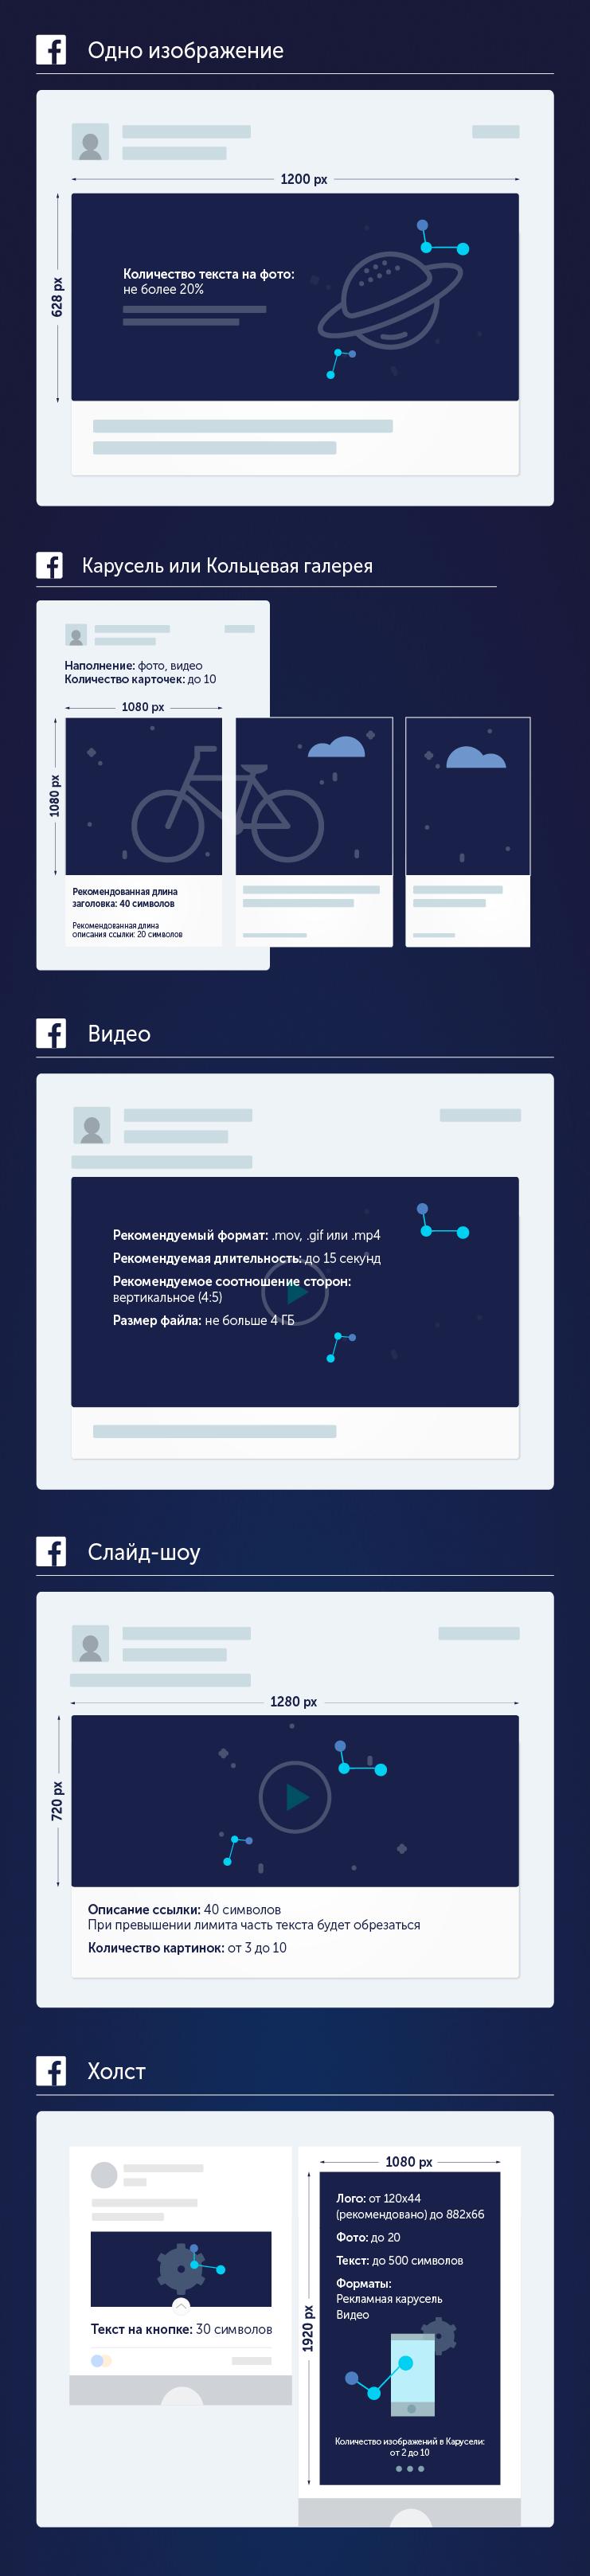 formaty-kreativov-dlya-fejsbuk-png.36